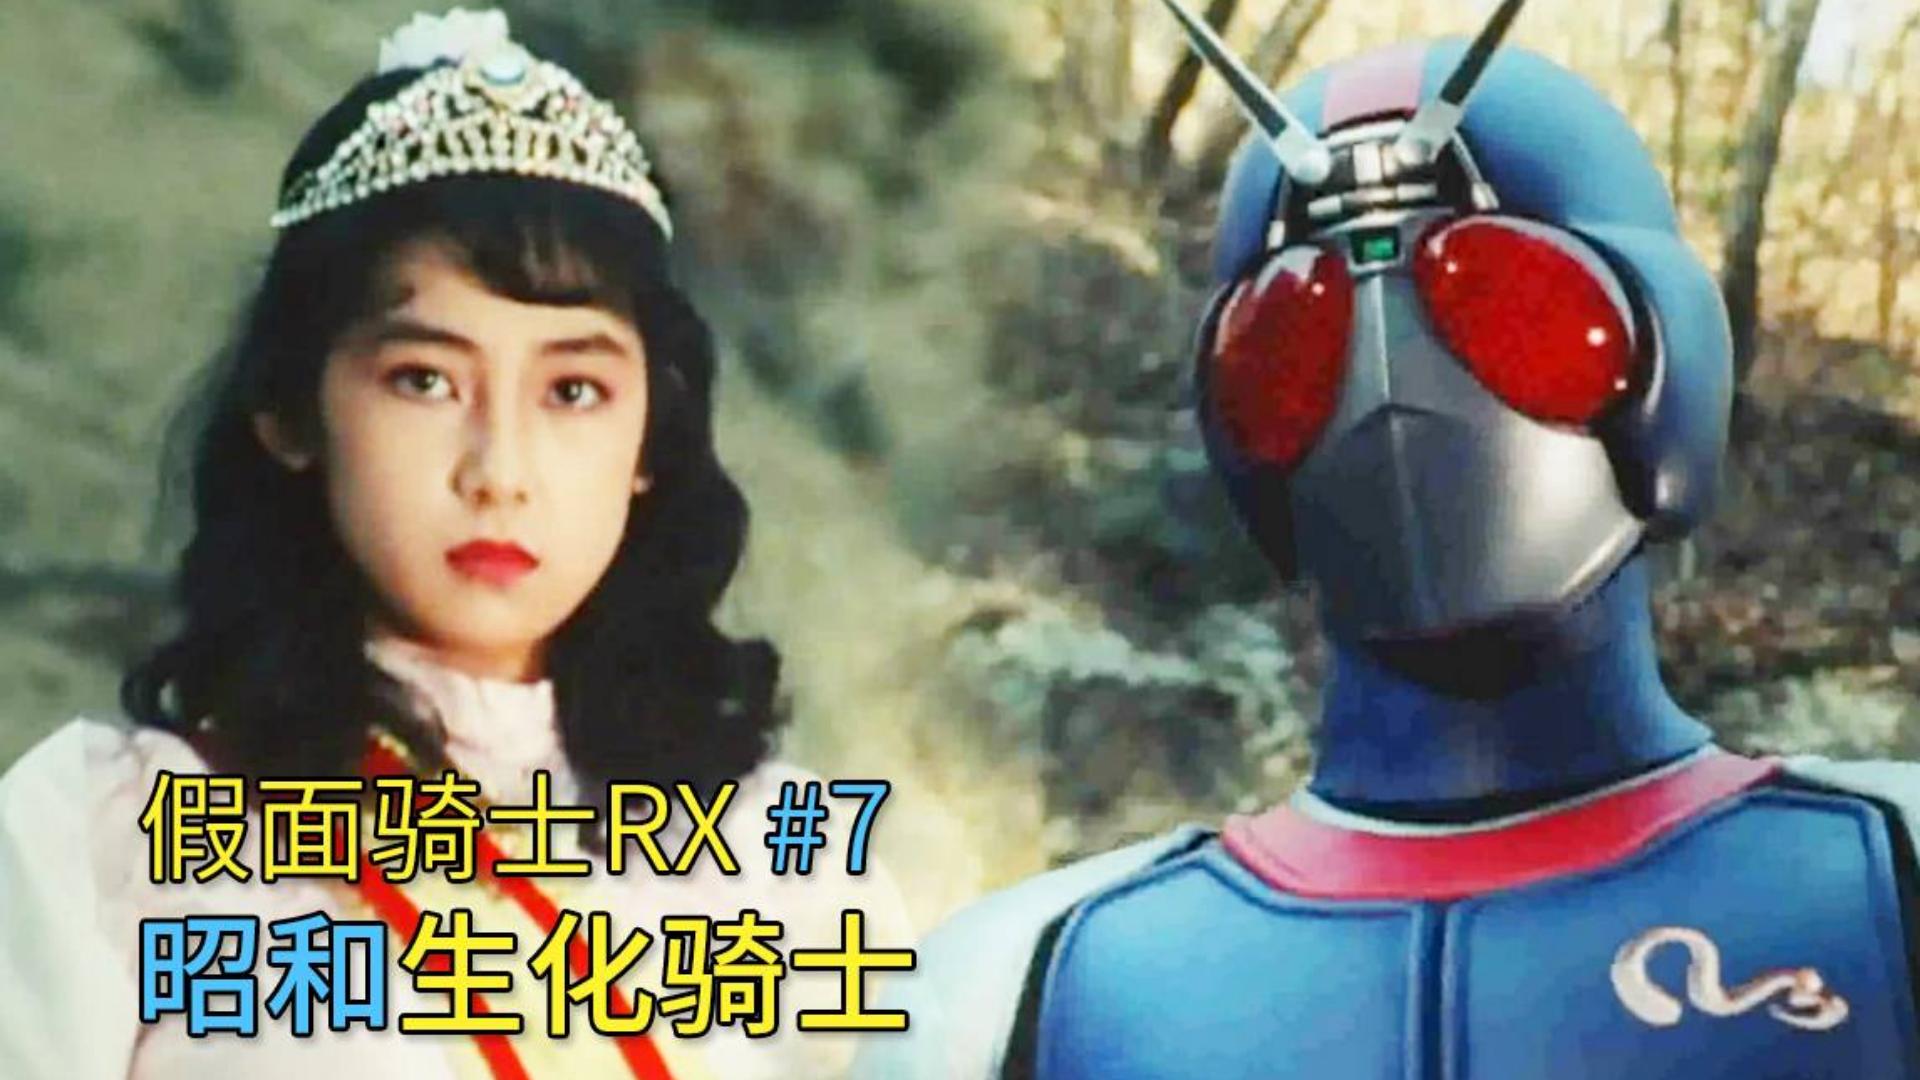 假面骑士:南光太郎首次变身成生化骑士!RX篇